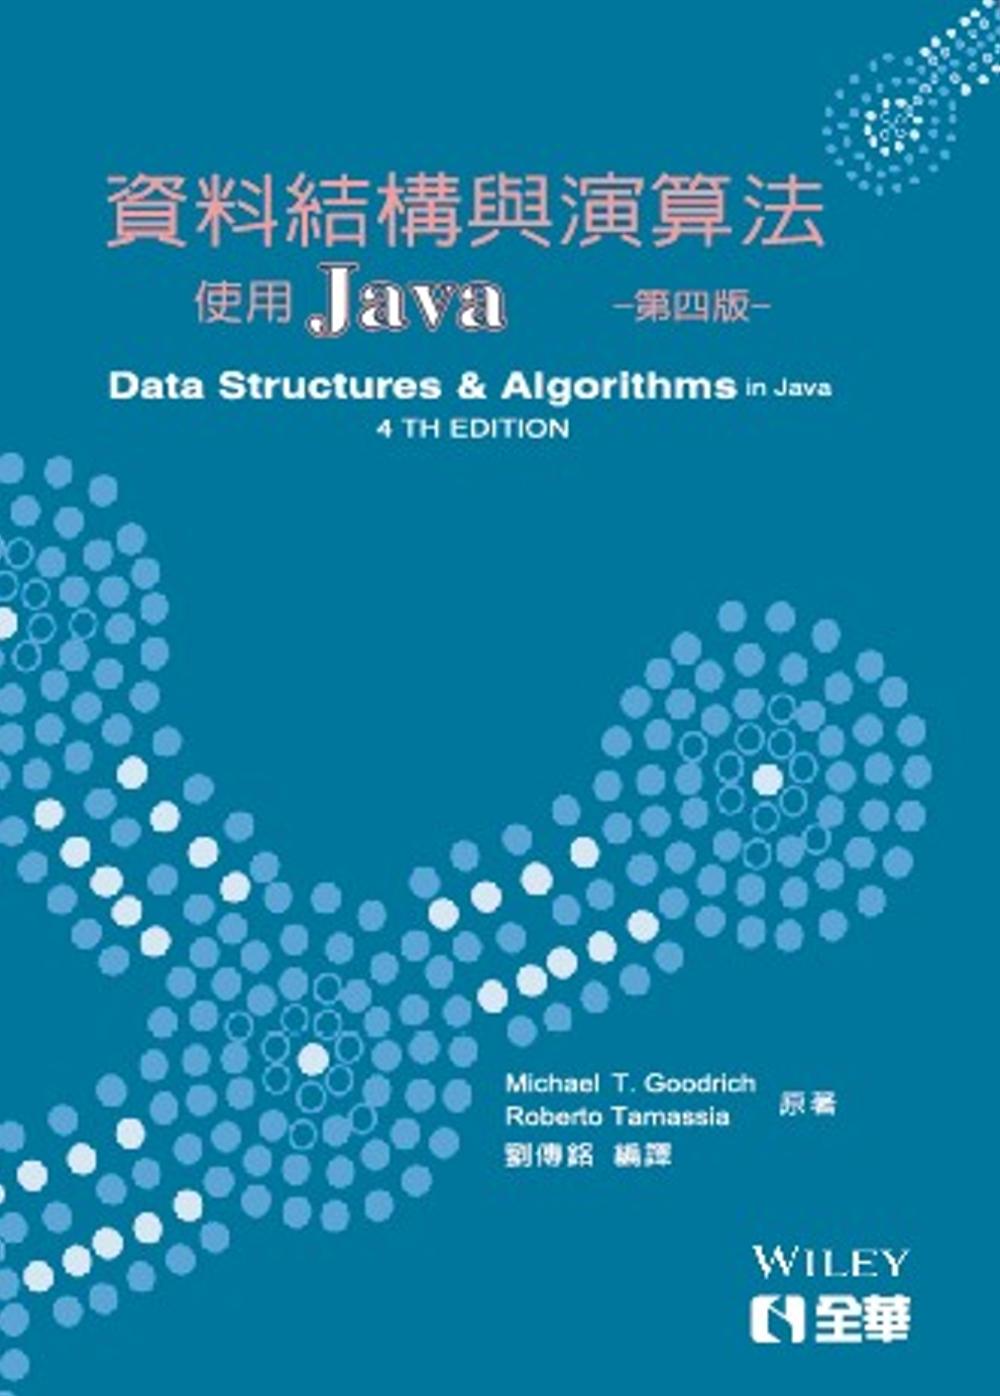 資料結構與演算法...